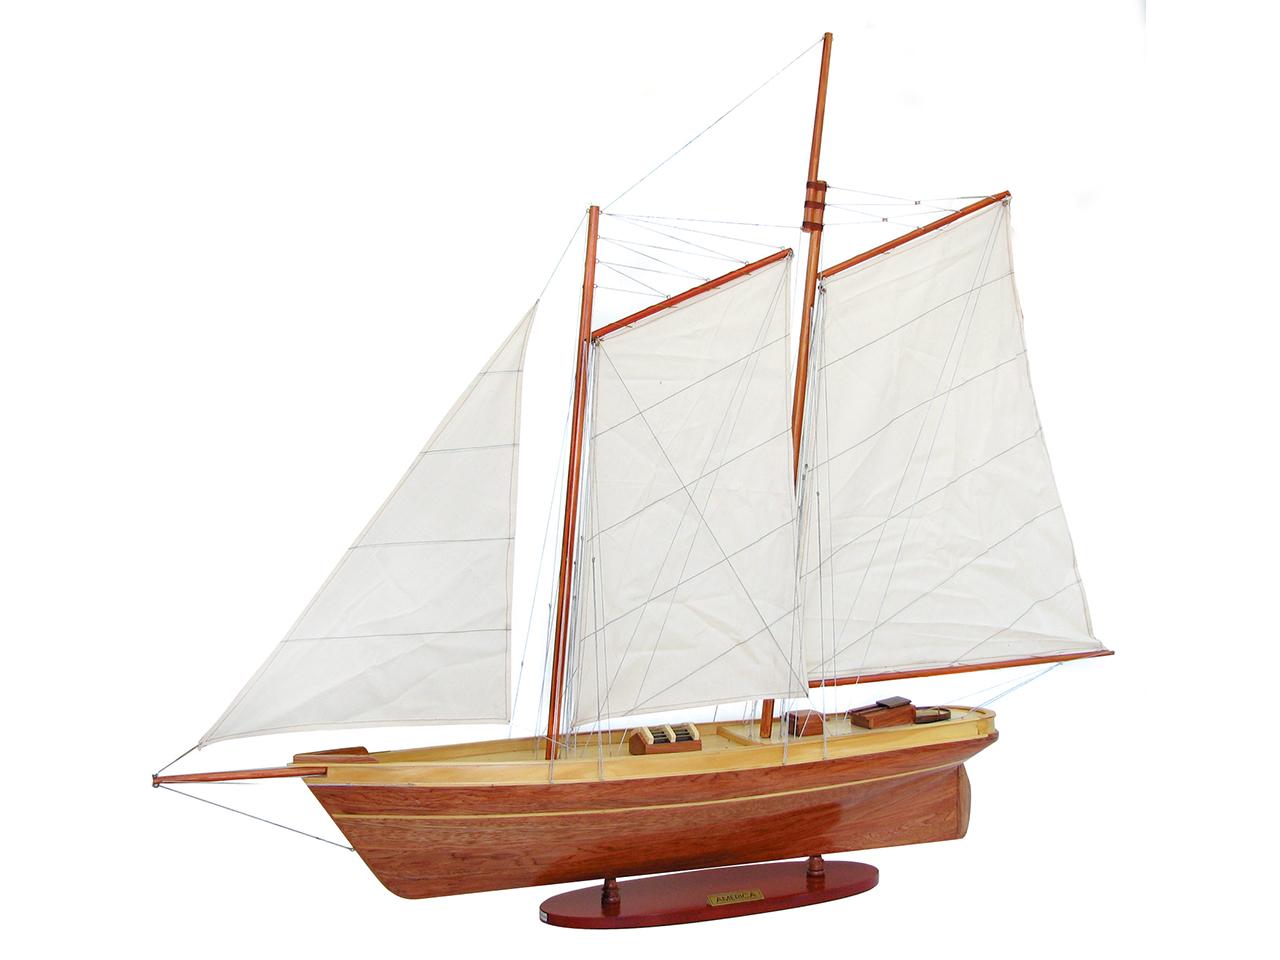 ウッドモデル アメリカ80cm 69272